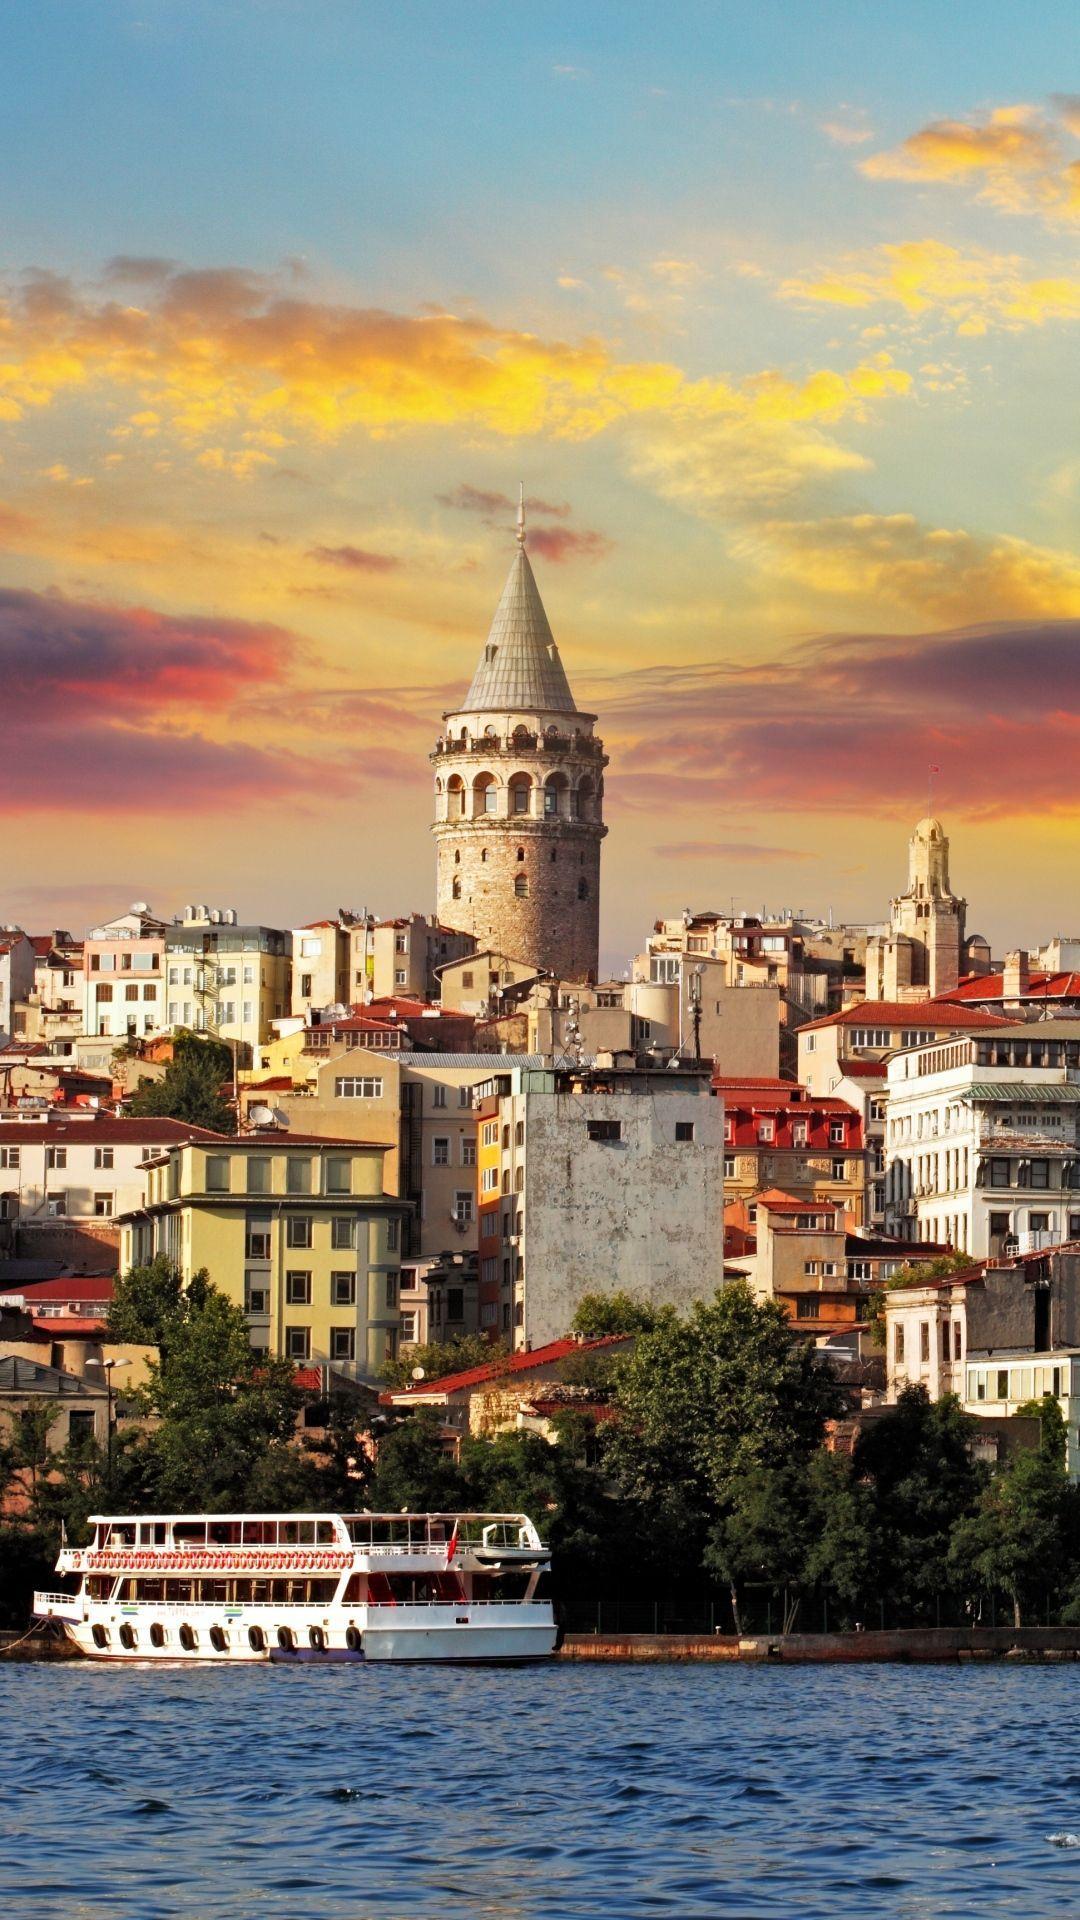 Türkiye Manzara 4K Resimleri